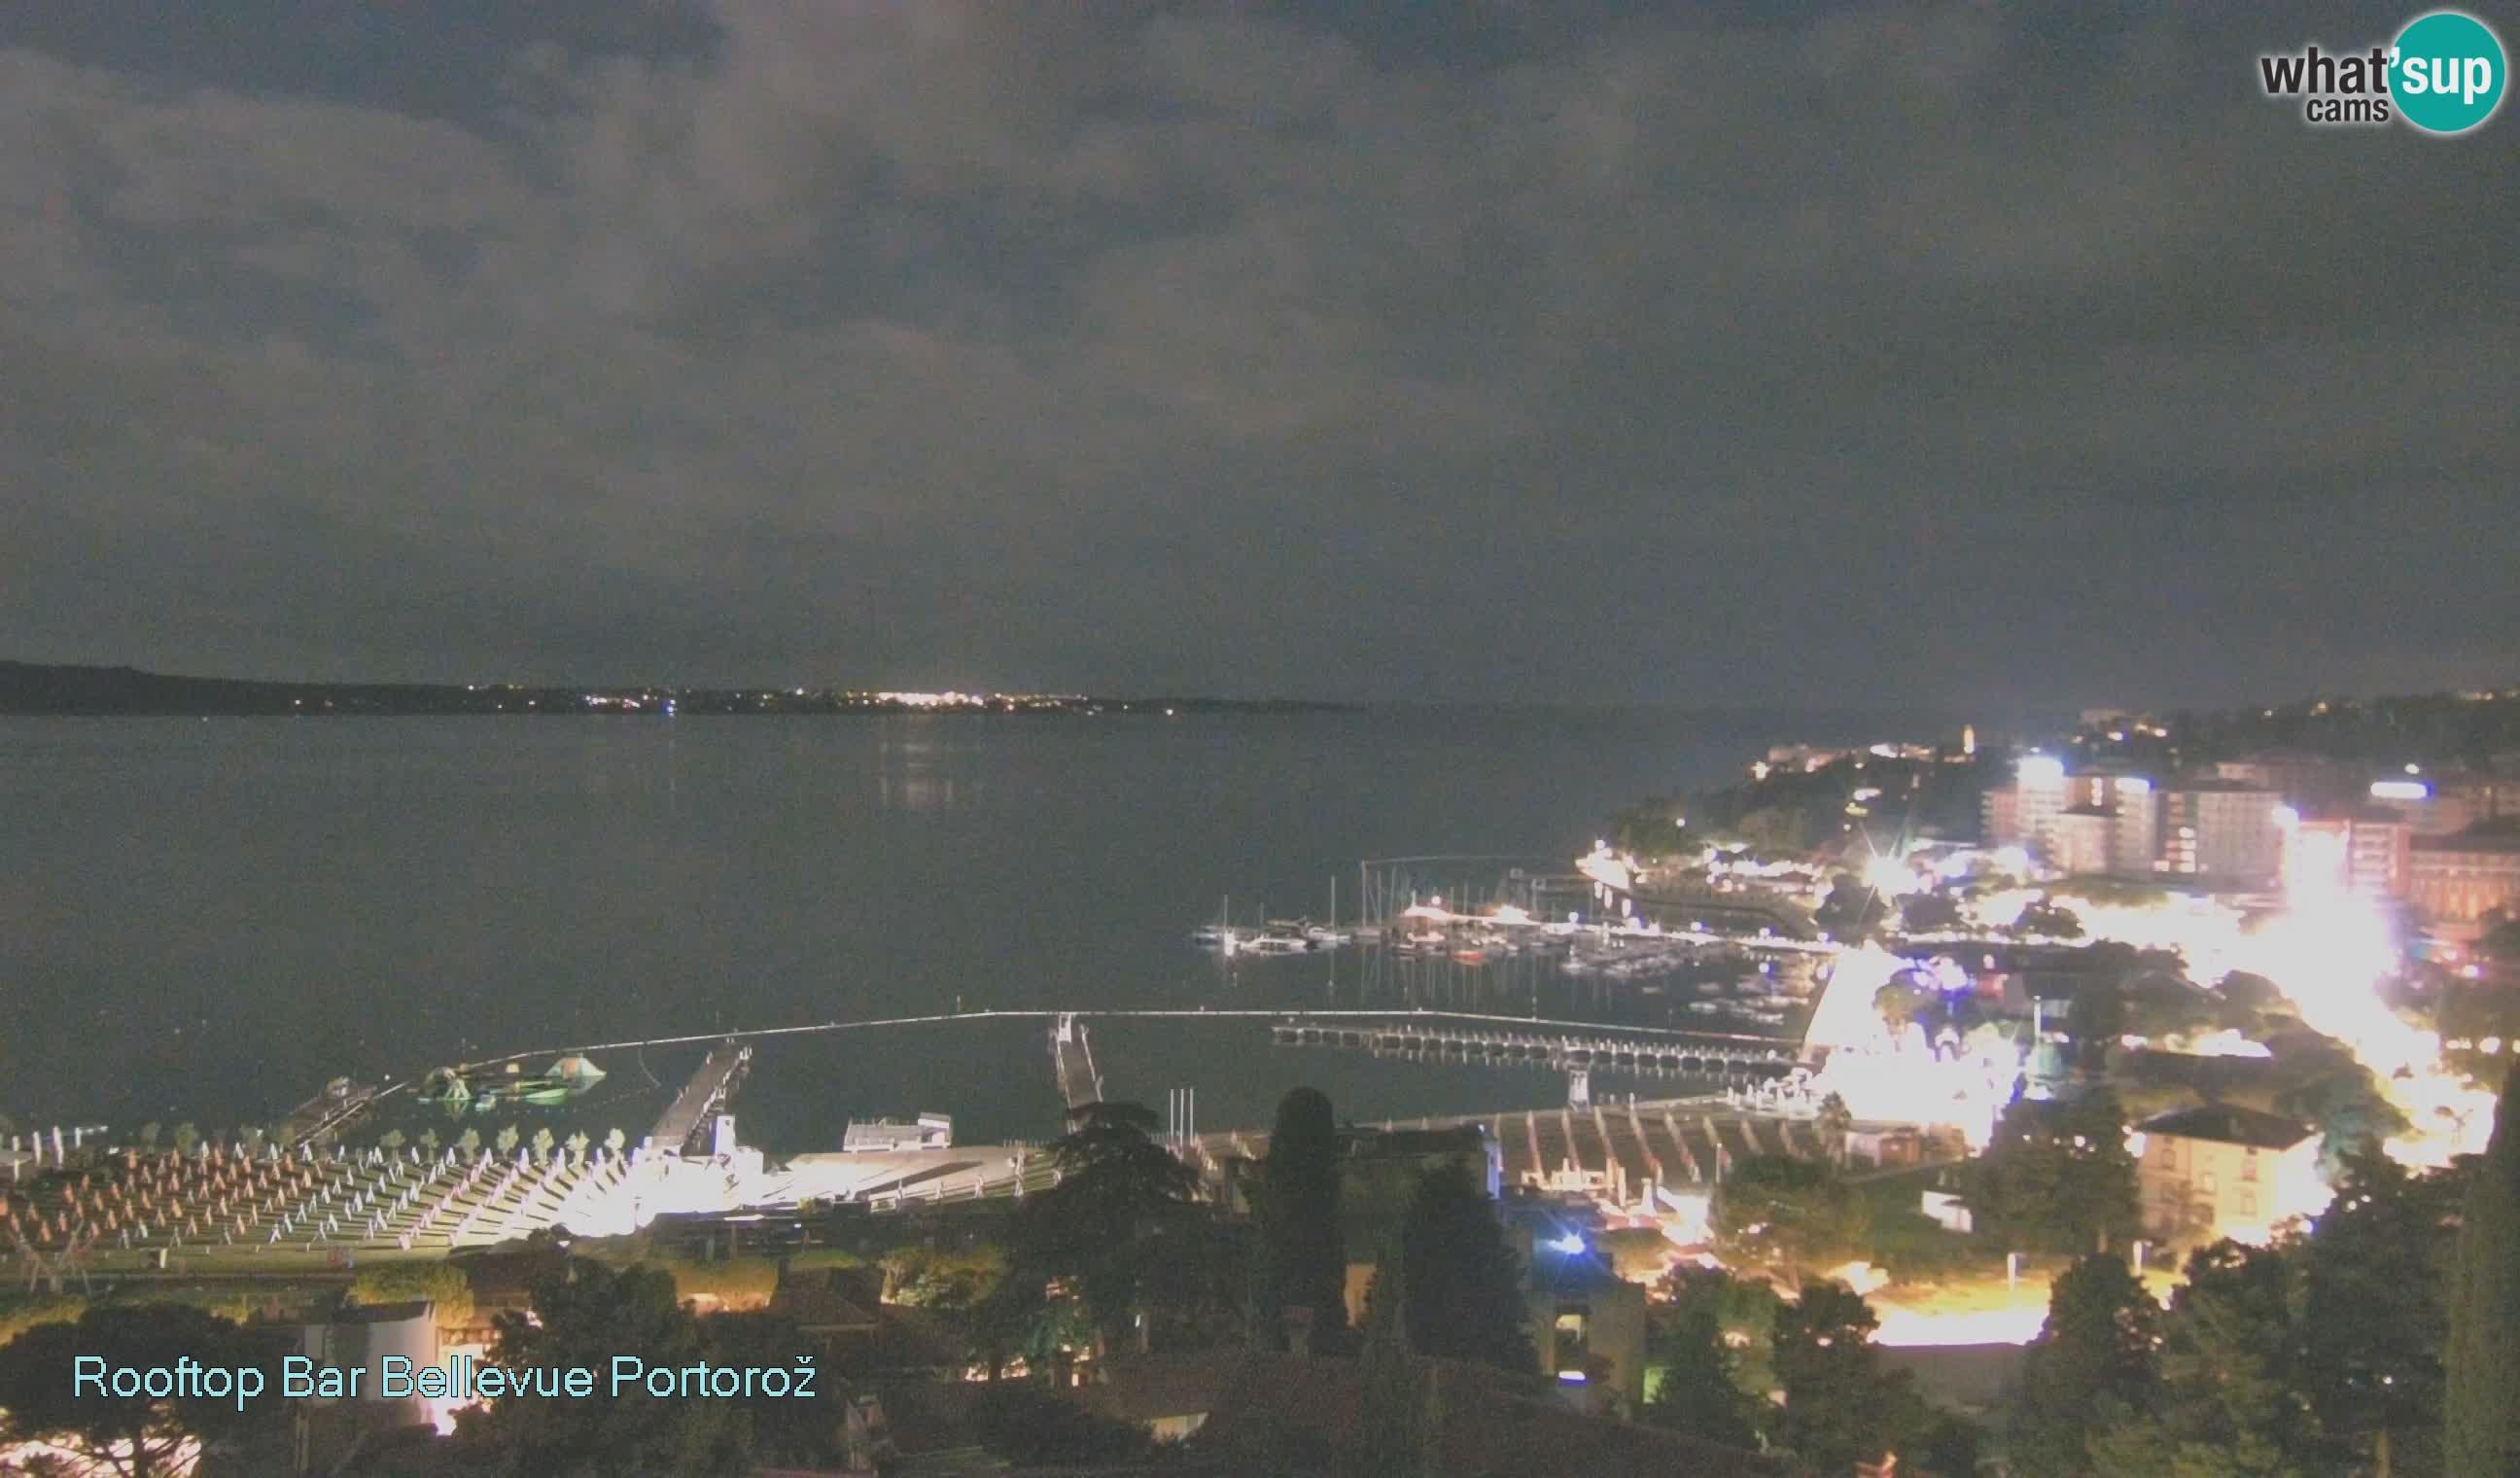 Portorož Mon. 02:35